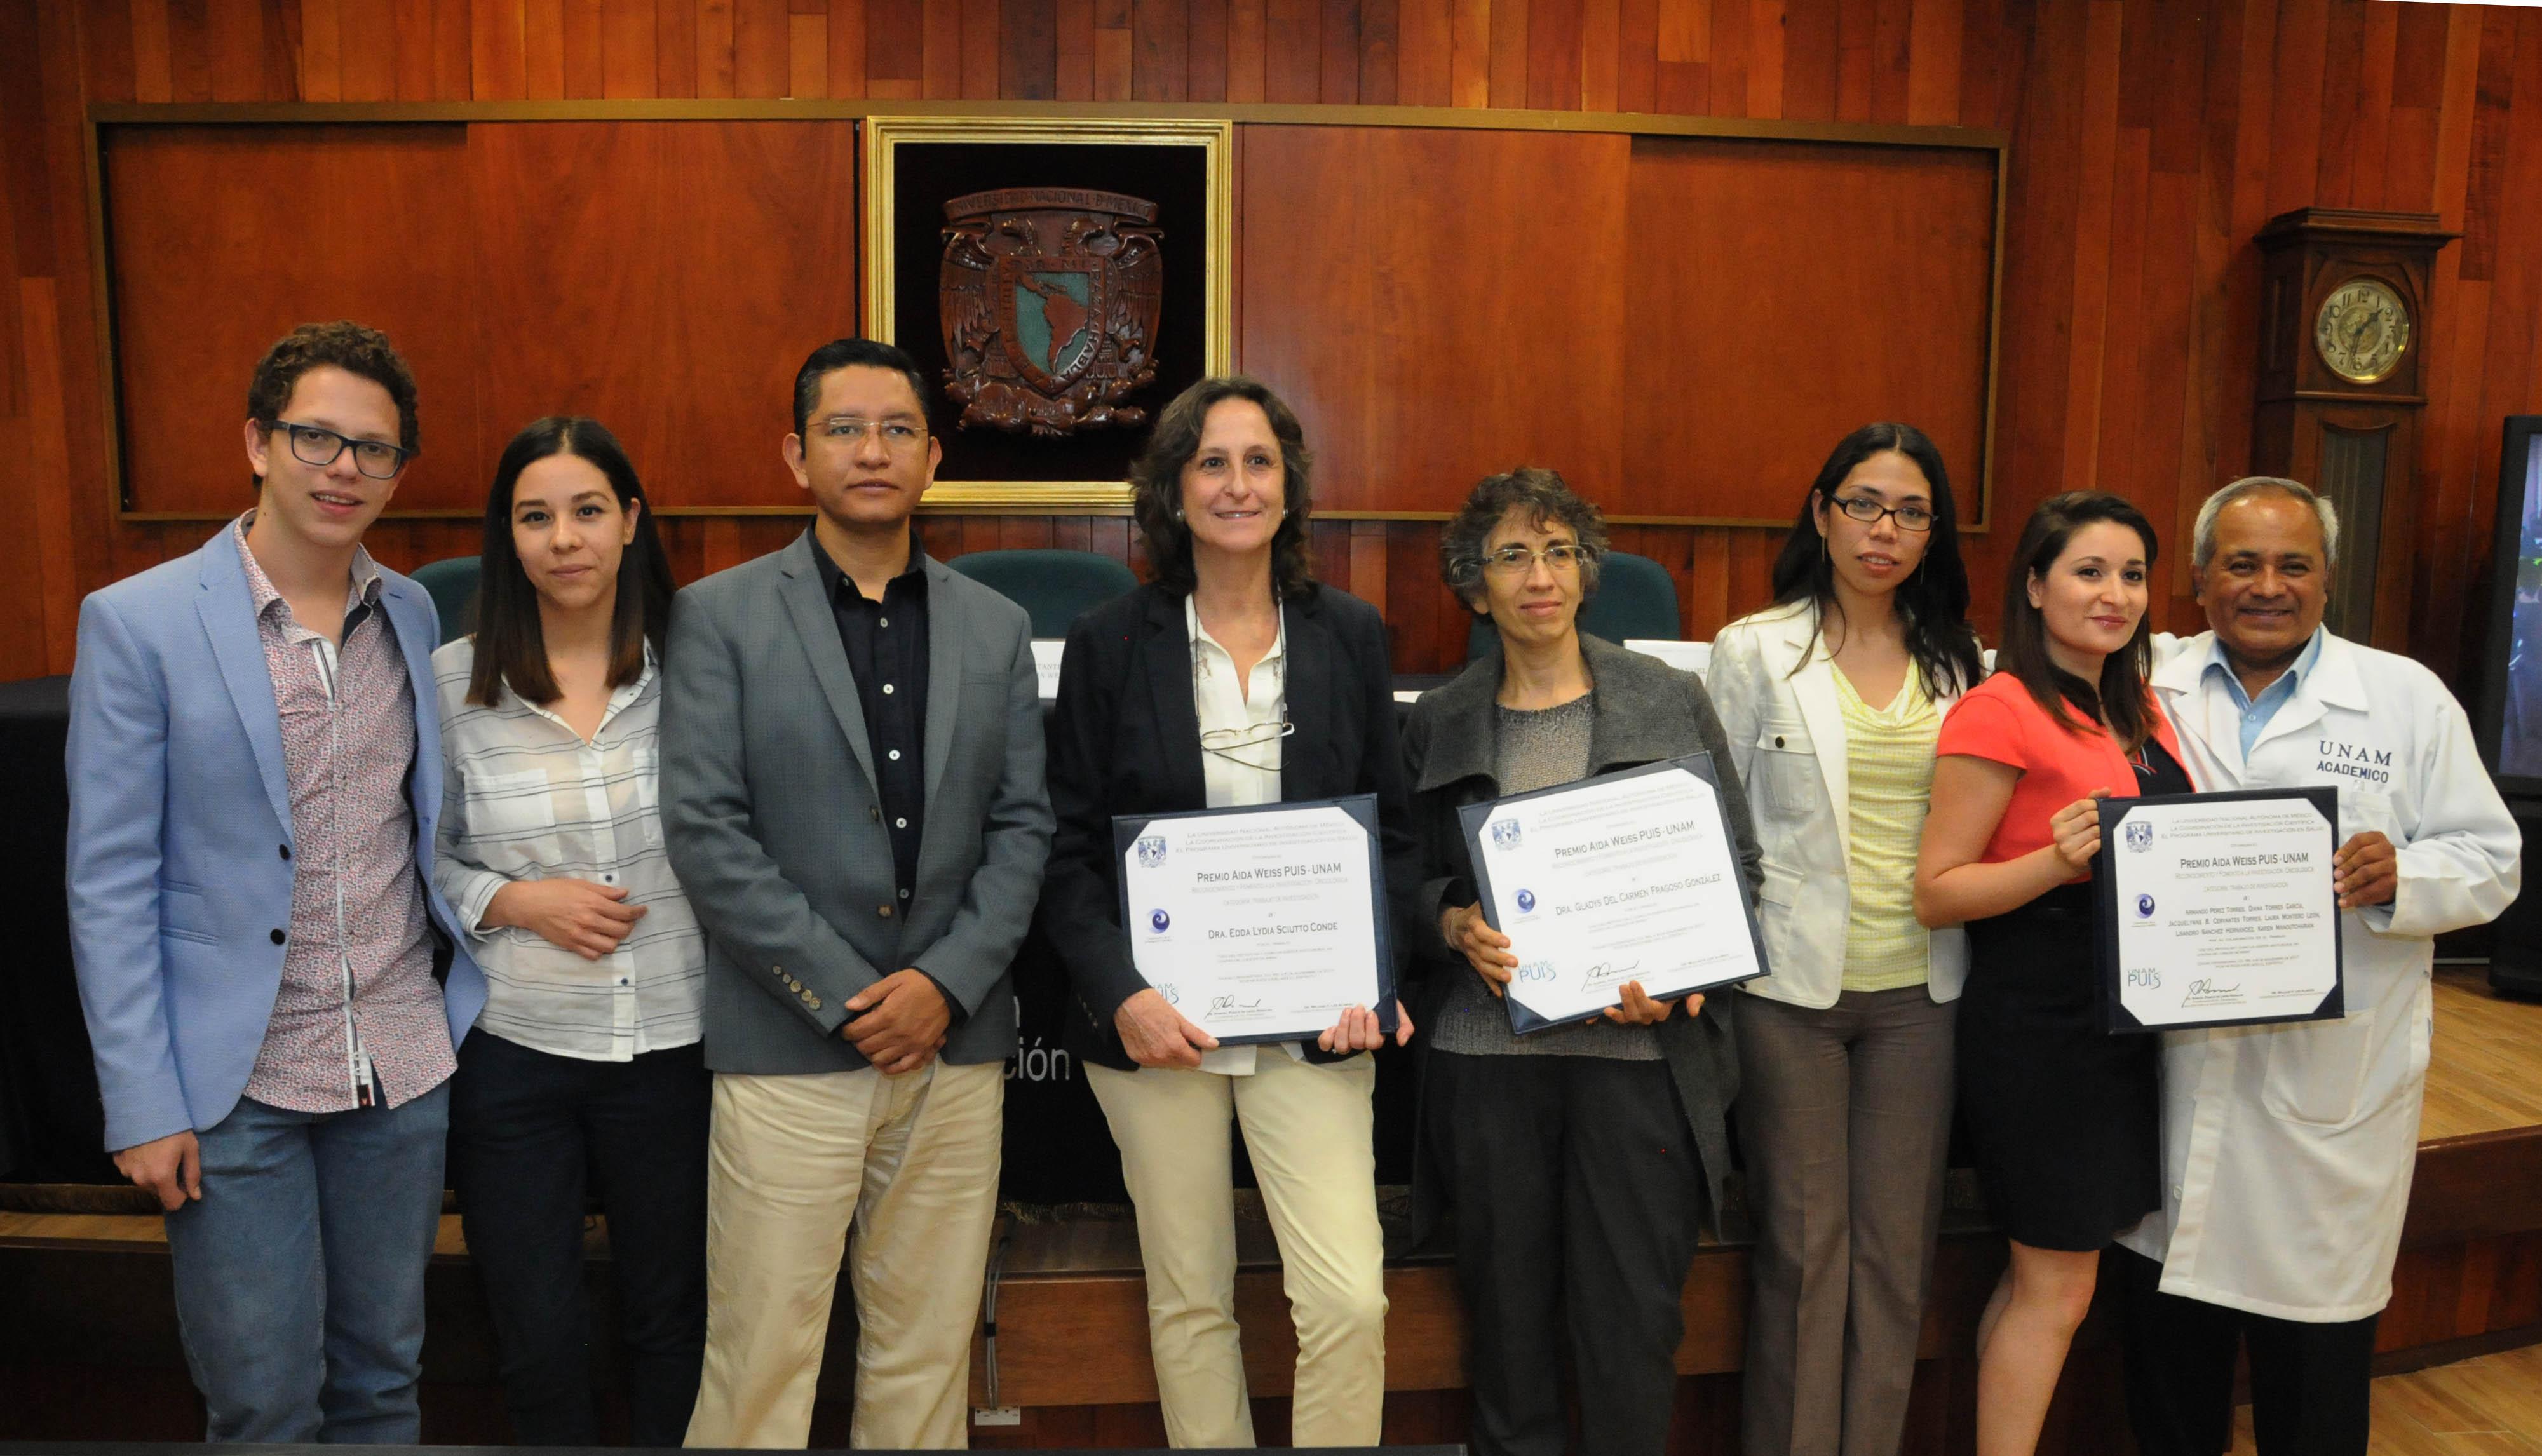 INVESTIGADORES DEL INSTITUTO DE BIOMÉDICAS DE LA UNAM OBTIENEN PREMIO AIDA WEISS PUIS-UNAM SOBRE CÁNCER